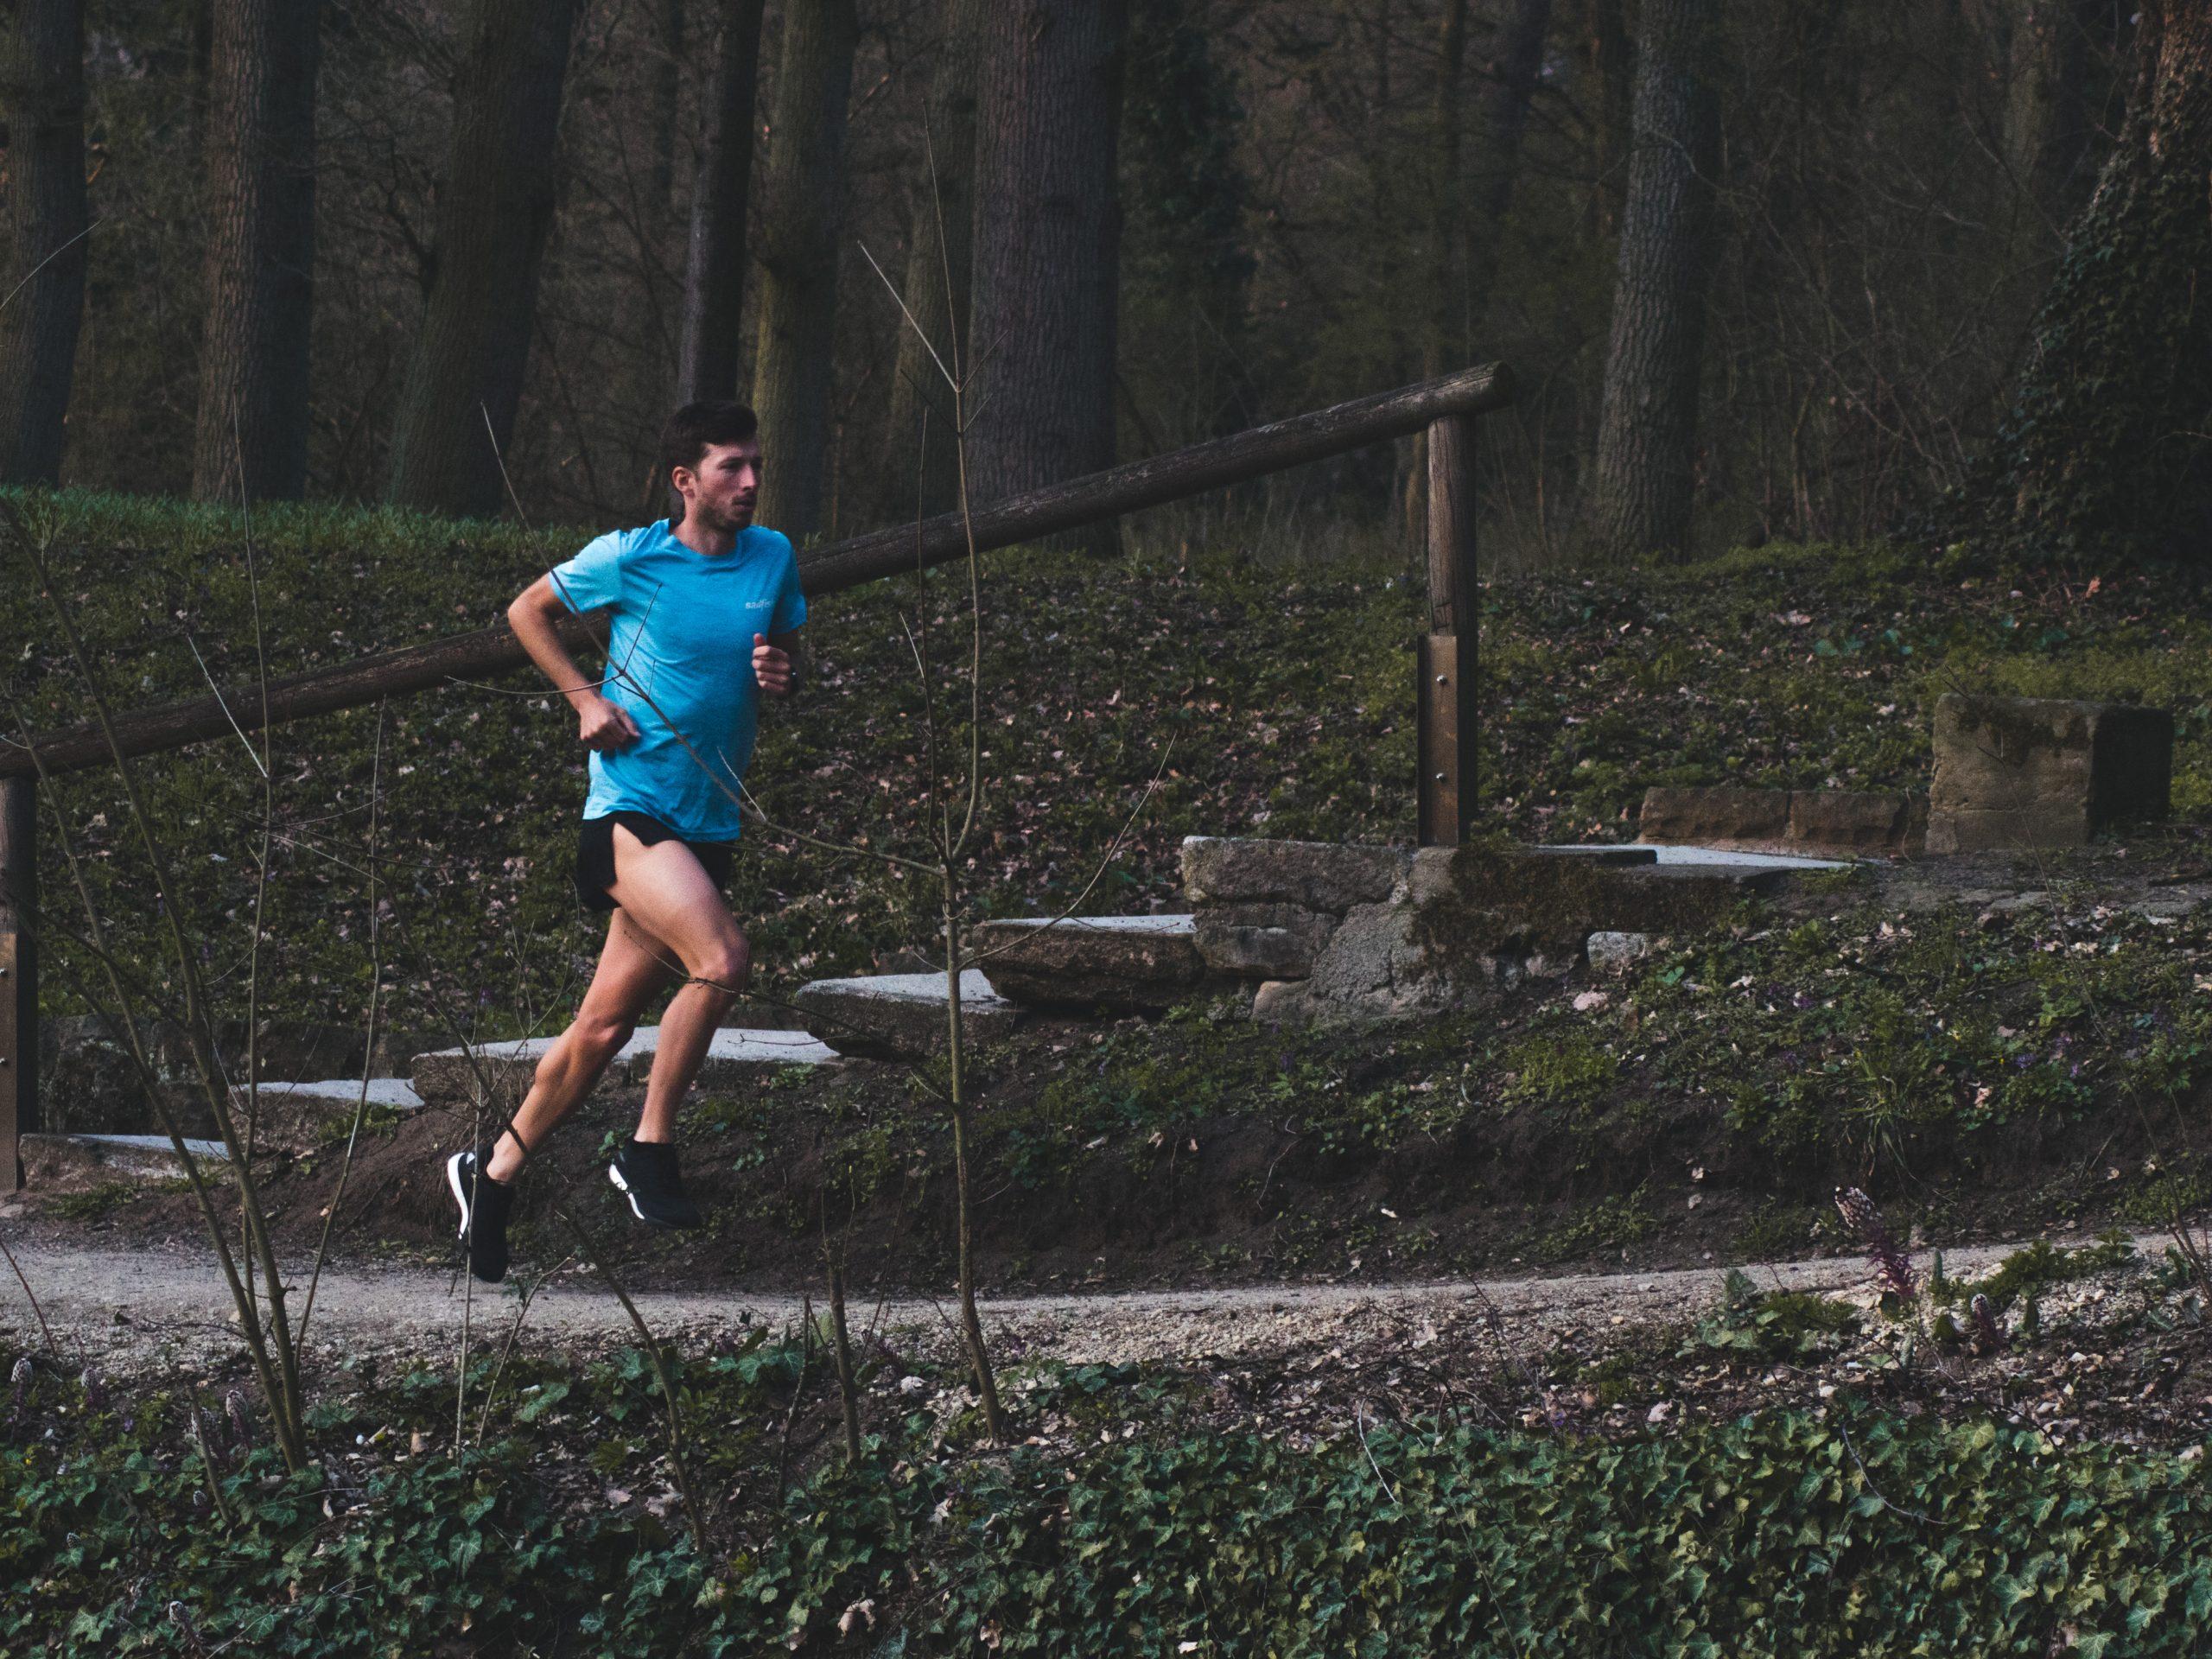 Felix Hentschel mit dem Versuch schneller zu laufen